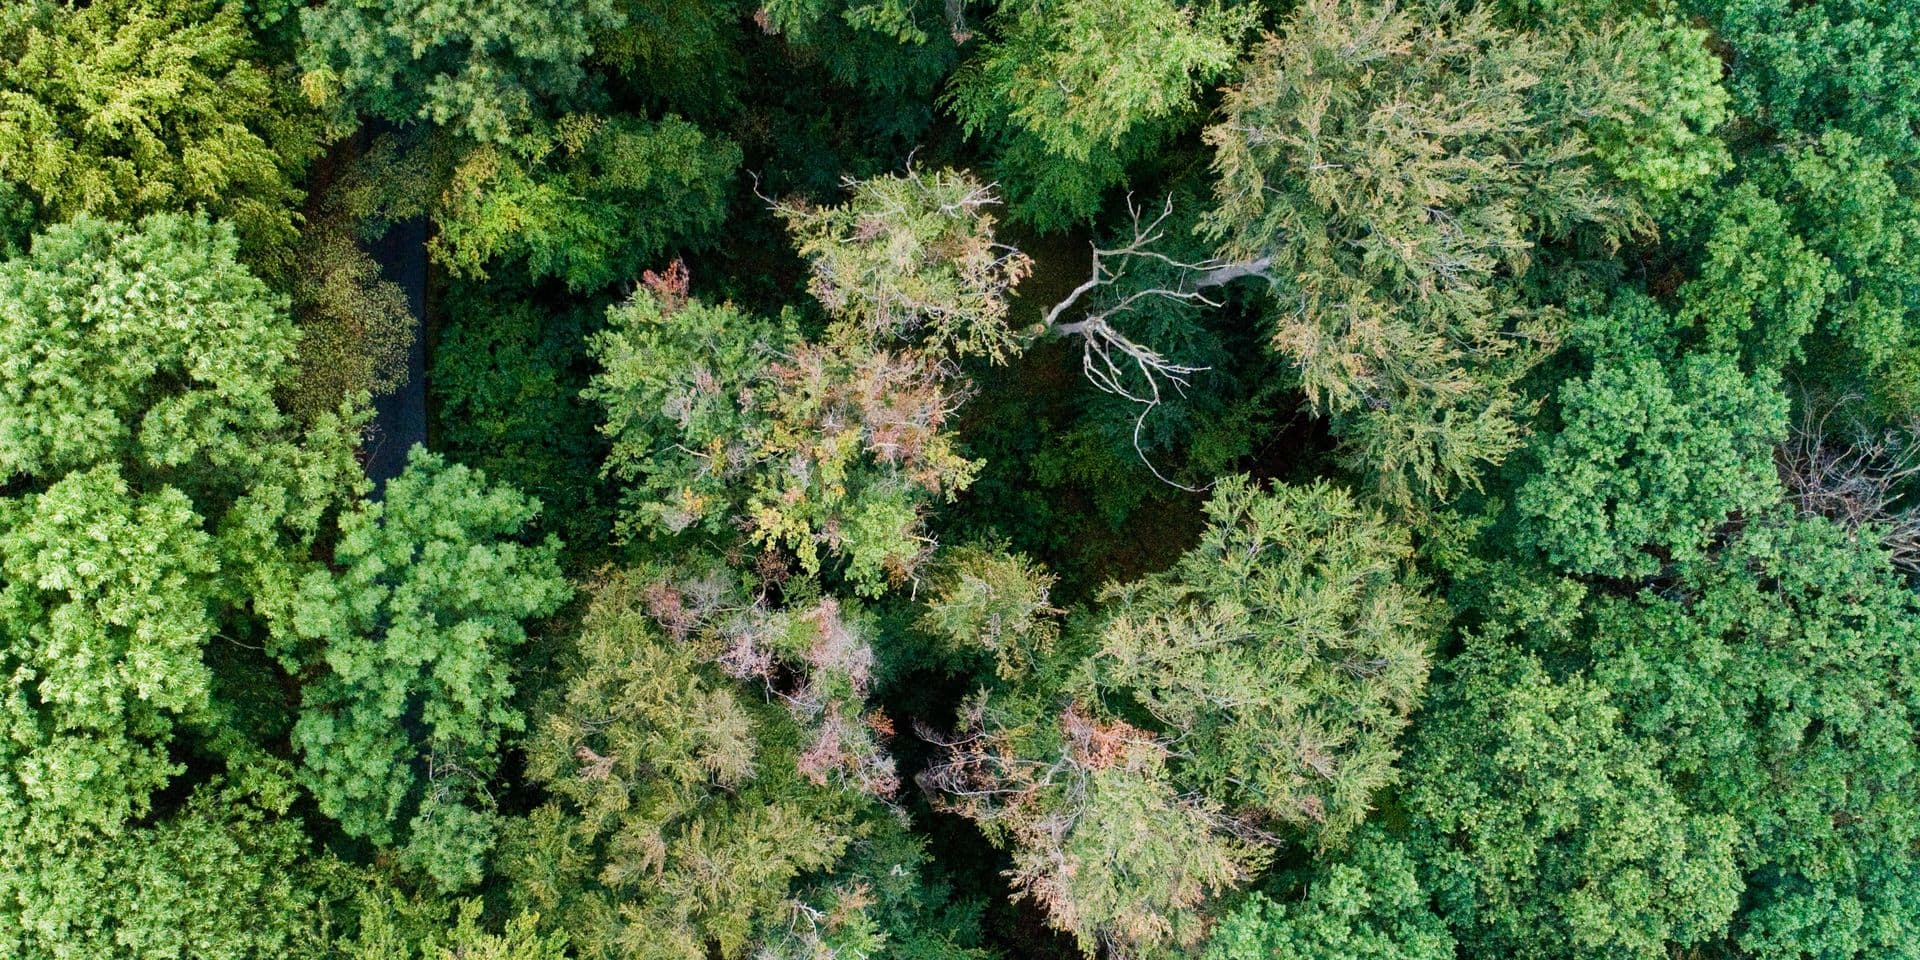 Comment les arbres communiquent discrètement entre eux